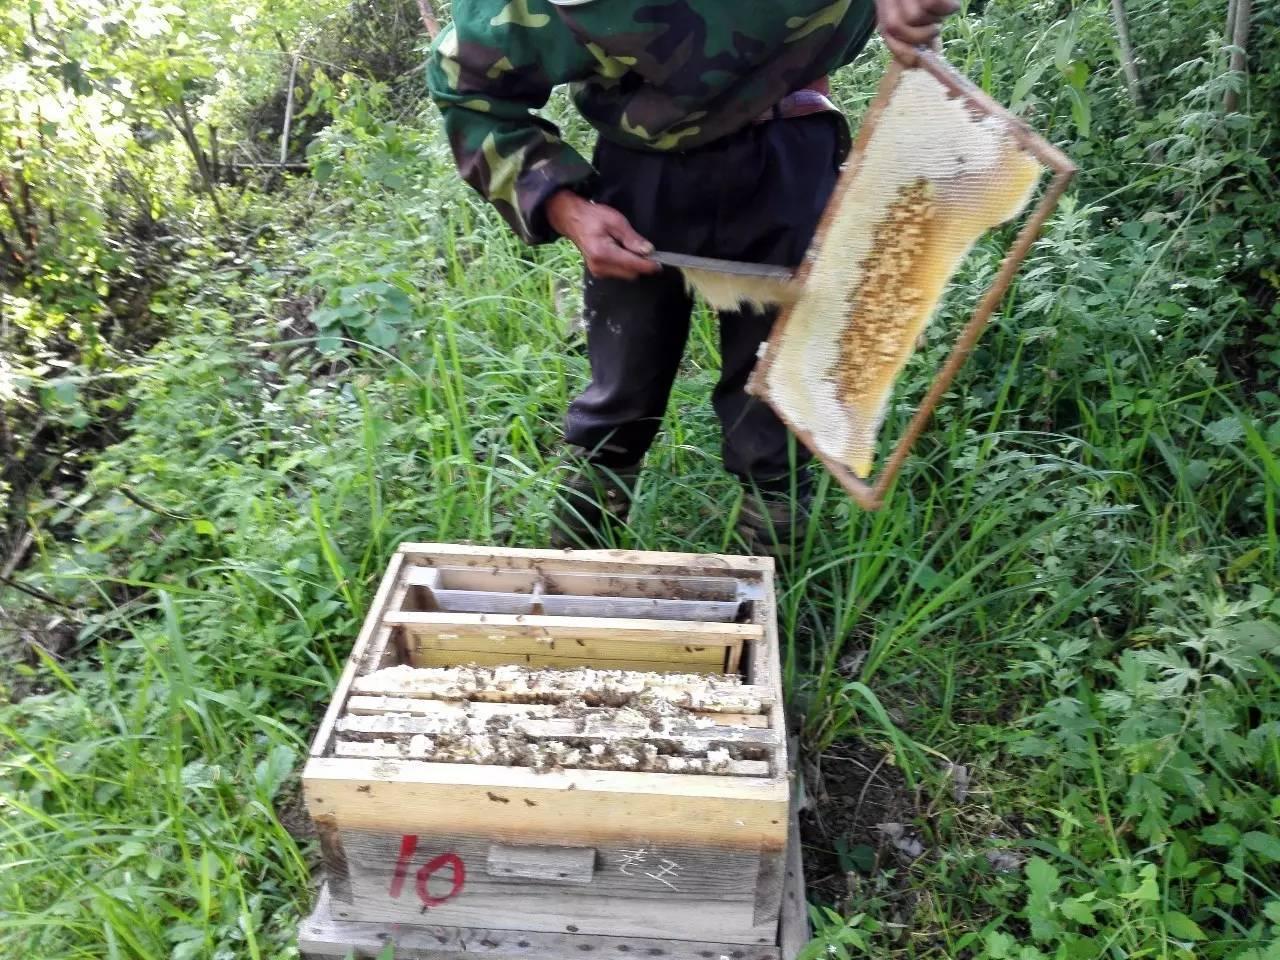 蜂蜜结晶过程图 喜欢吃蜂蜜的动物 上火喝蜂蜜水有用吗 蜂蜜便秘吧贴吧 蜂蜜怎么销售